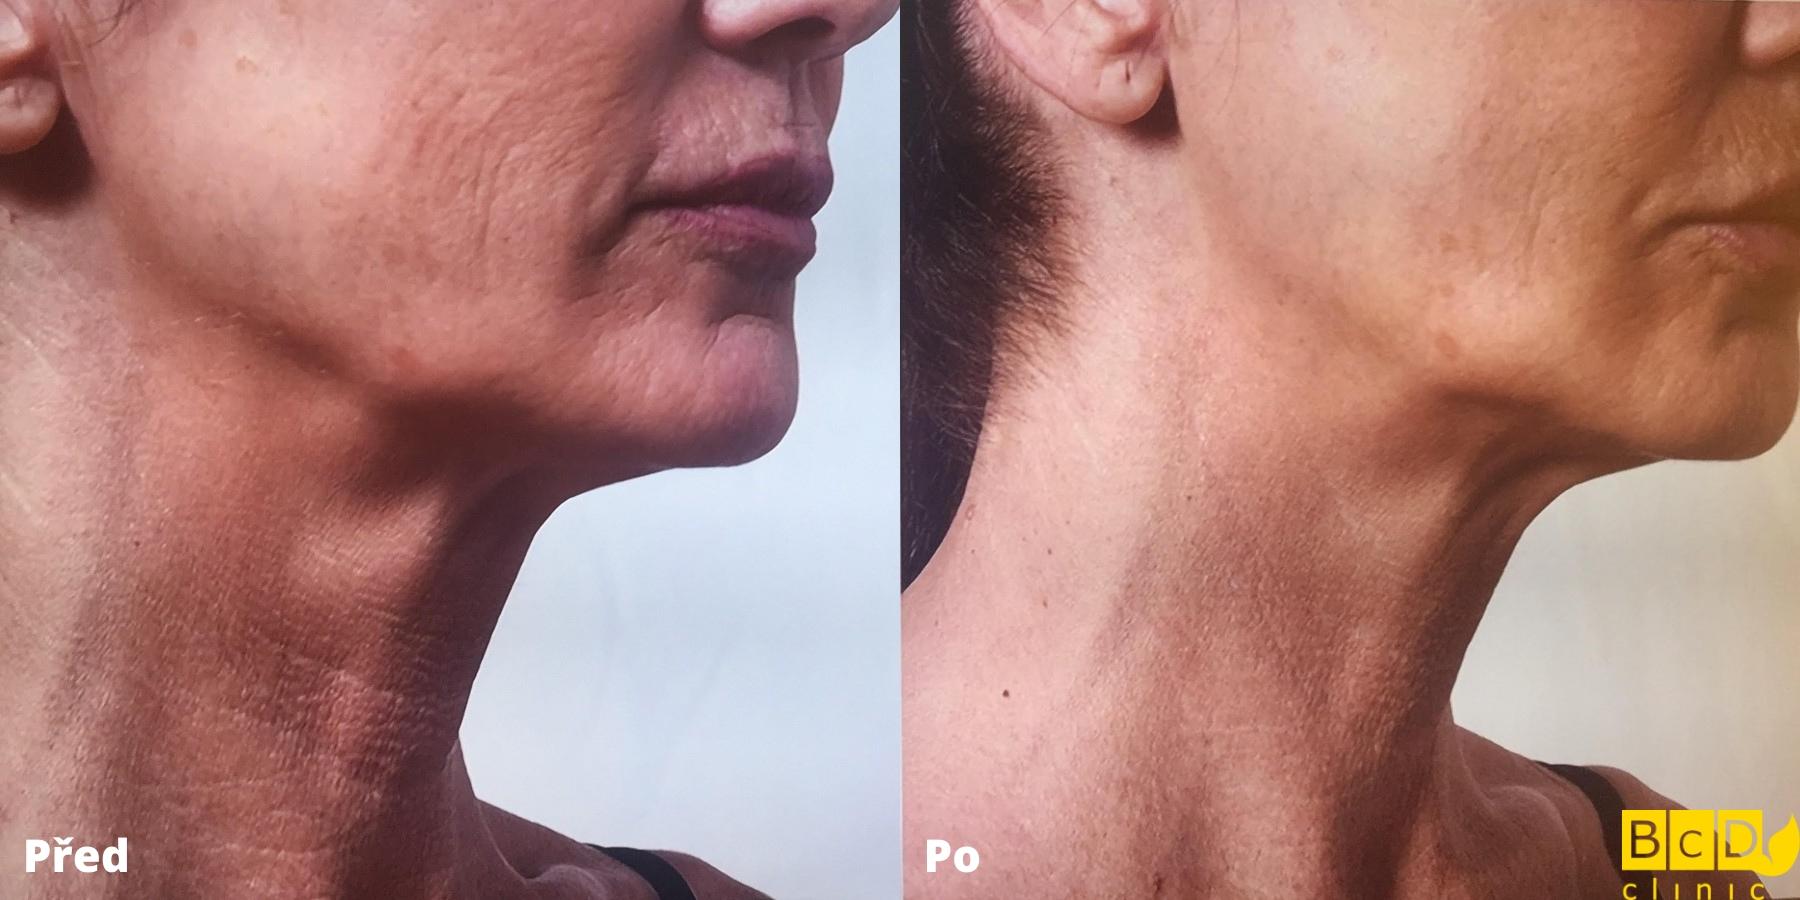 Omlazení krku hydroliftingem - před a po zákroku